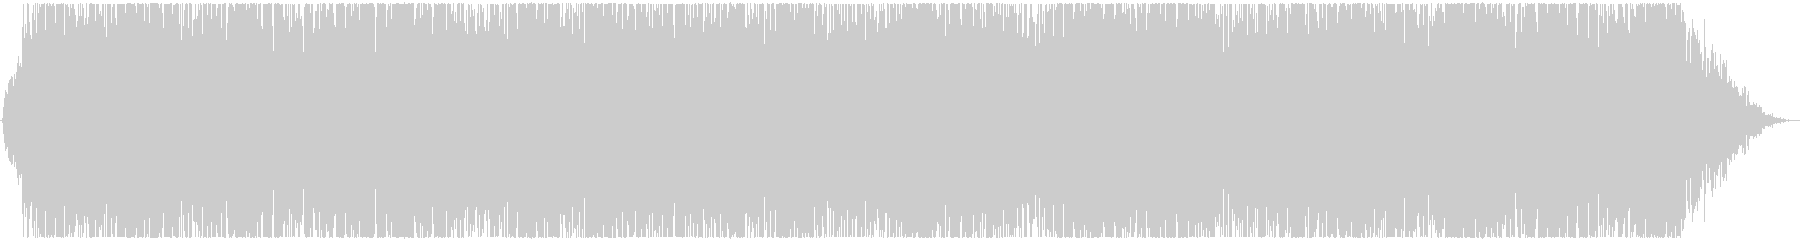 イメージ 地獄の声10の未再生の波形